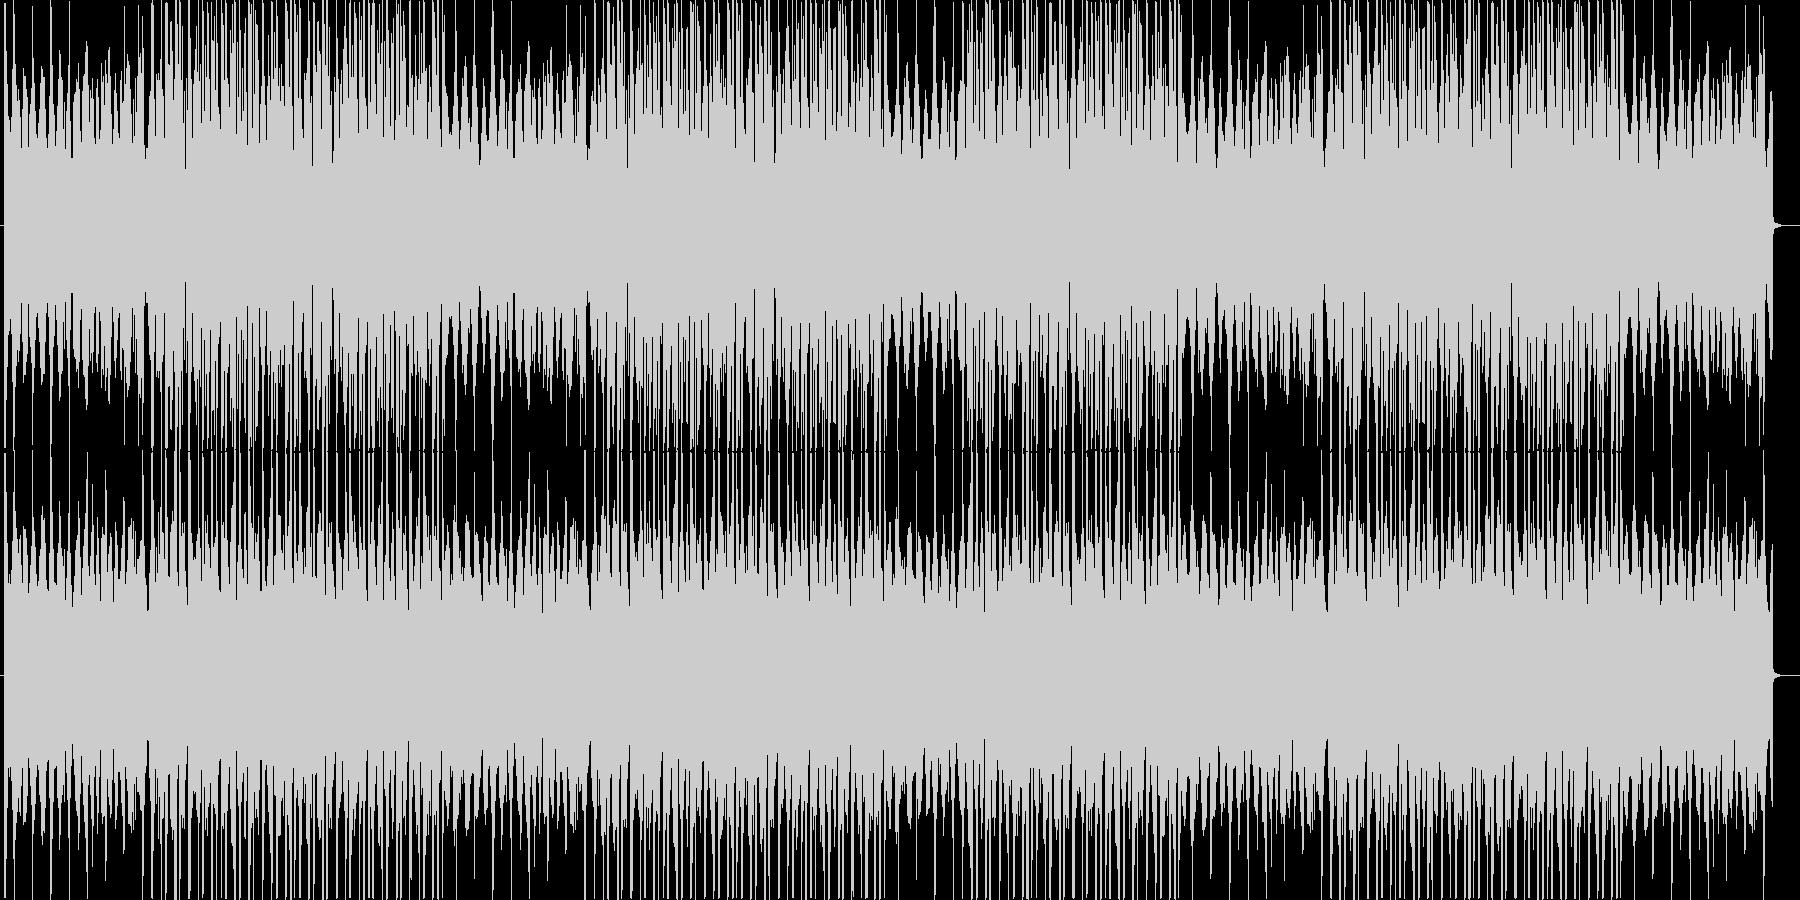 洋楽、チルアウト、ダークトラップ♪の未再生の波形